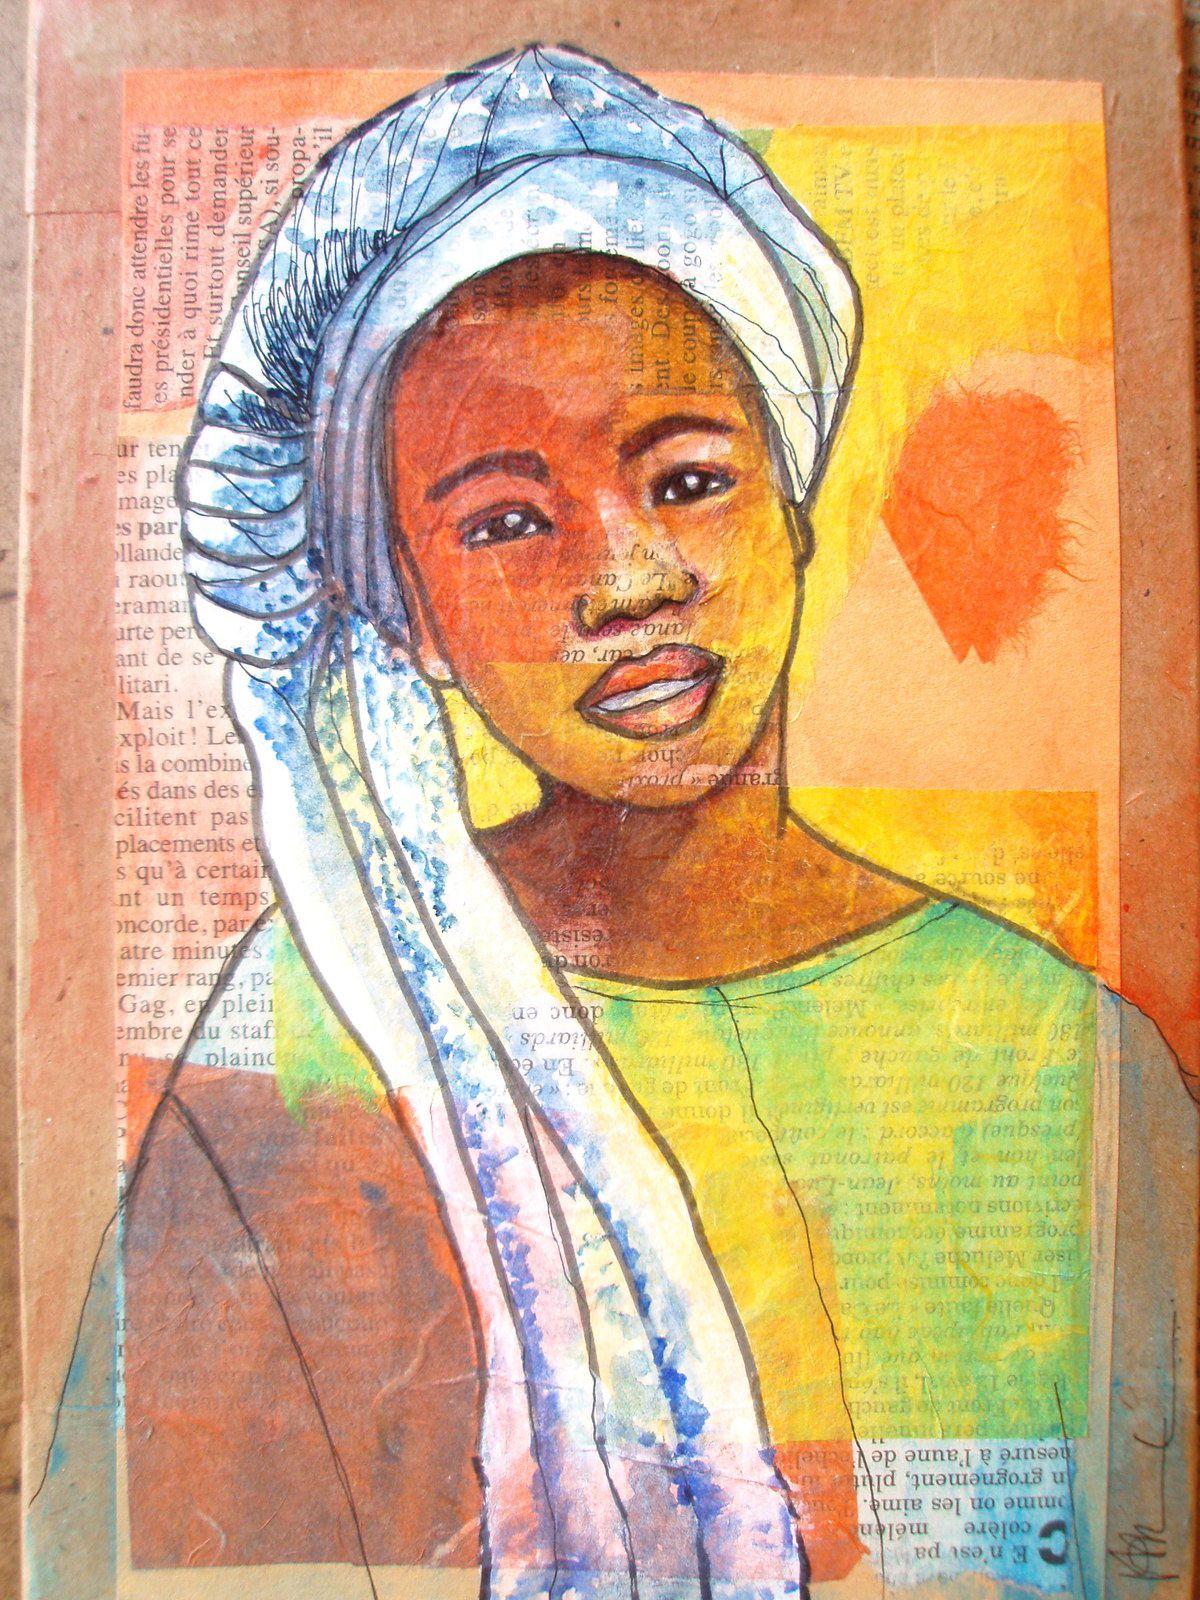 aquarelle, encre, feutres, collages sur bois, 15x22